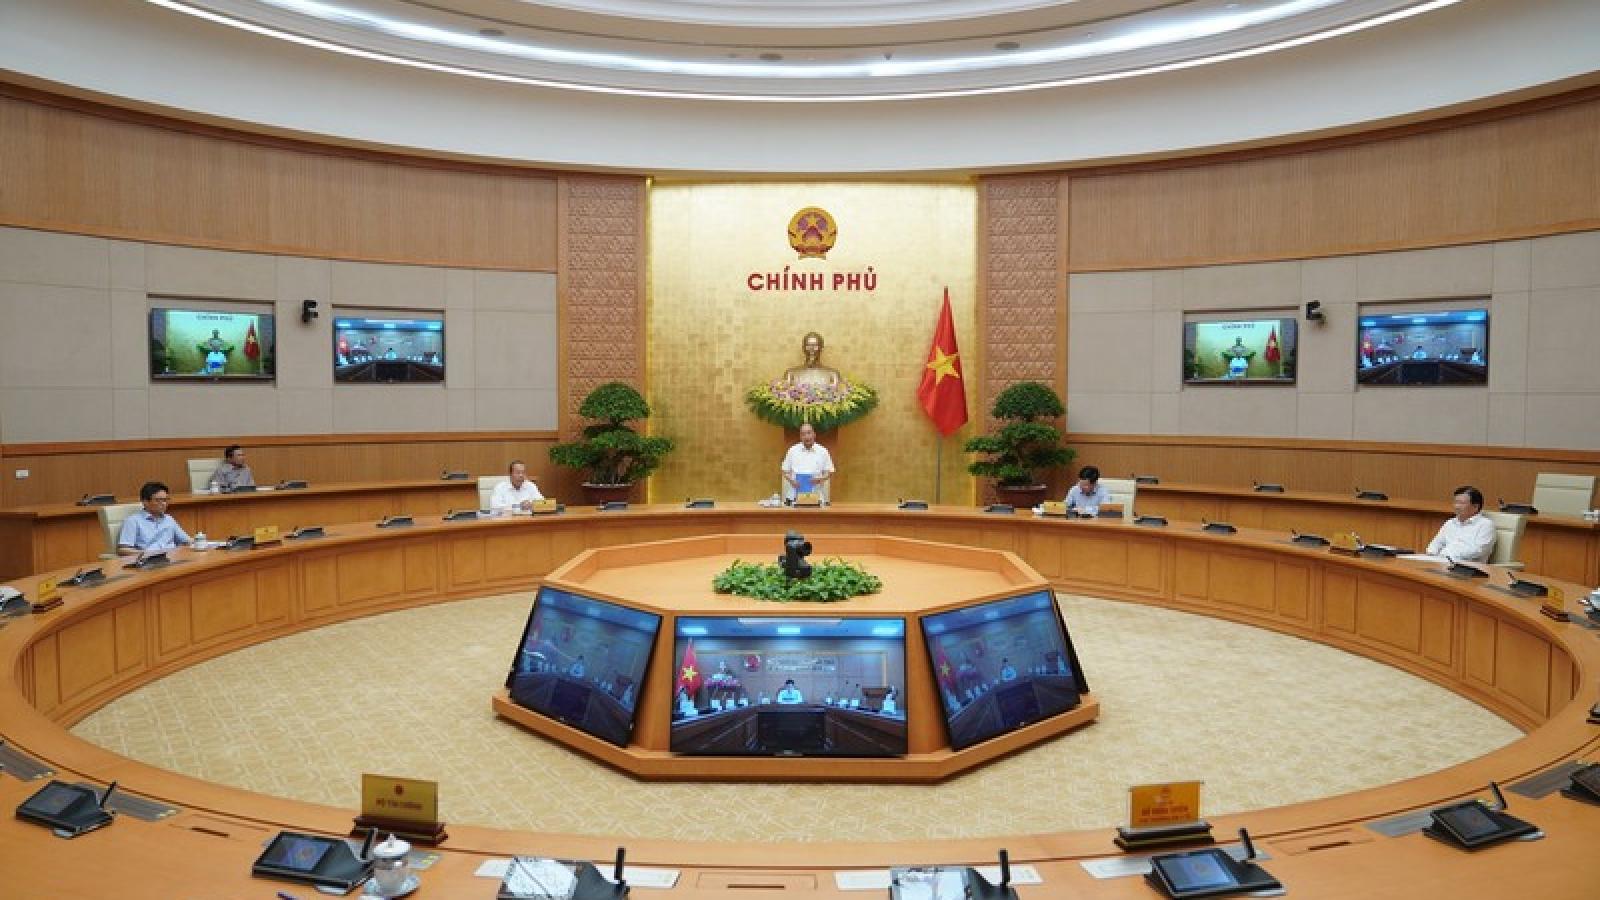 Thủ tướng đồng ý bỏ giãn cách đối với các cơ sở sản xuất kinh doanh, thương mại, dịch vụ